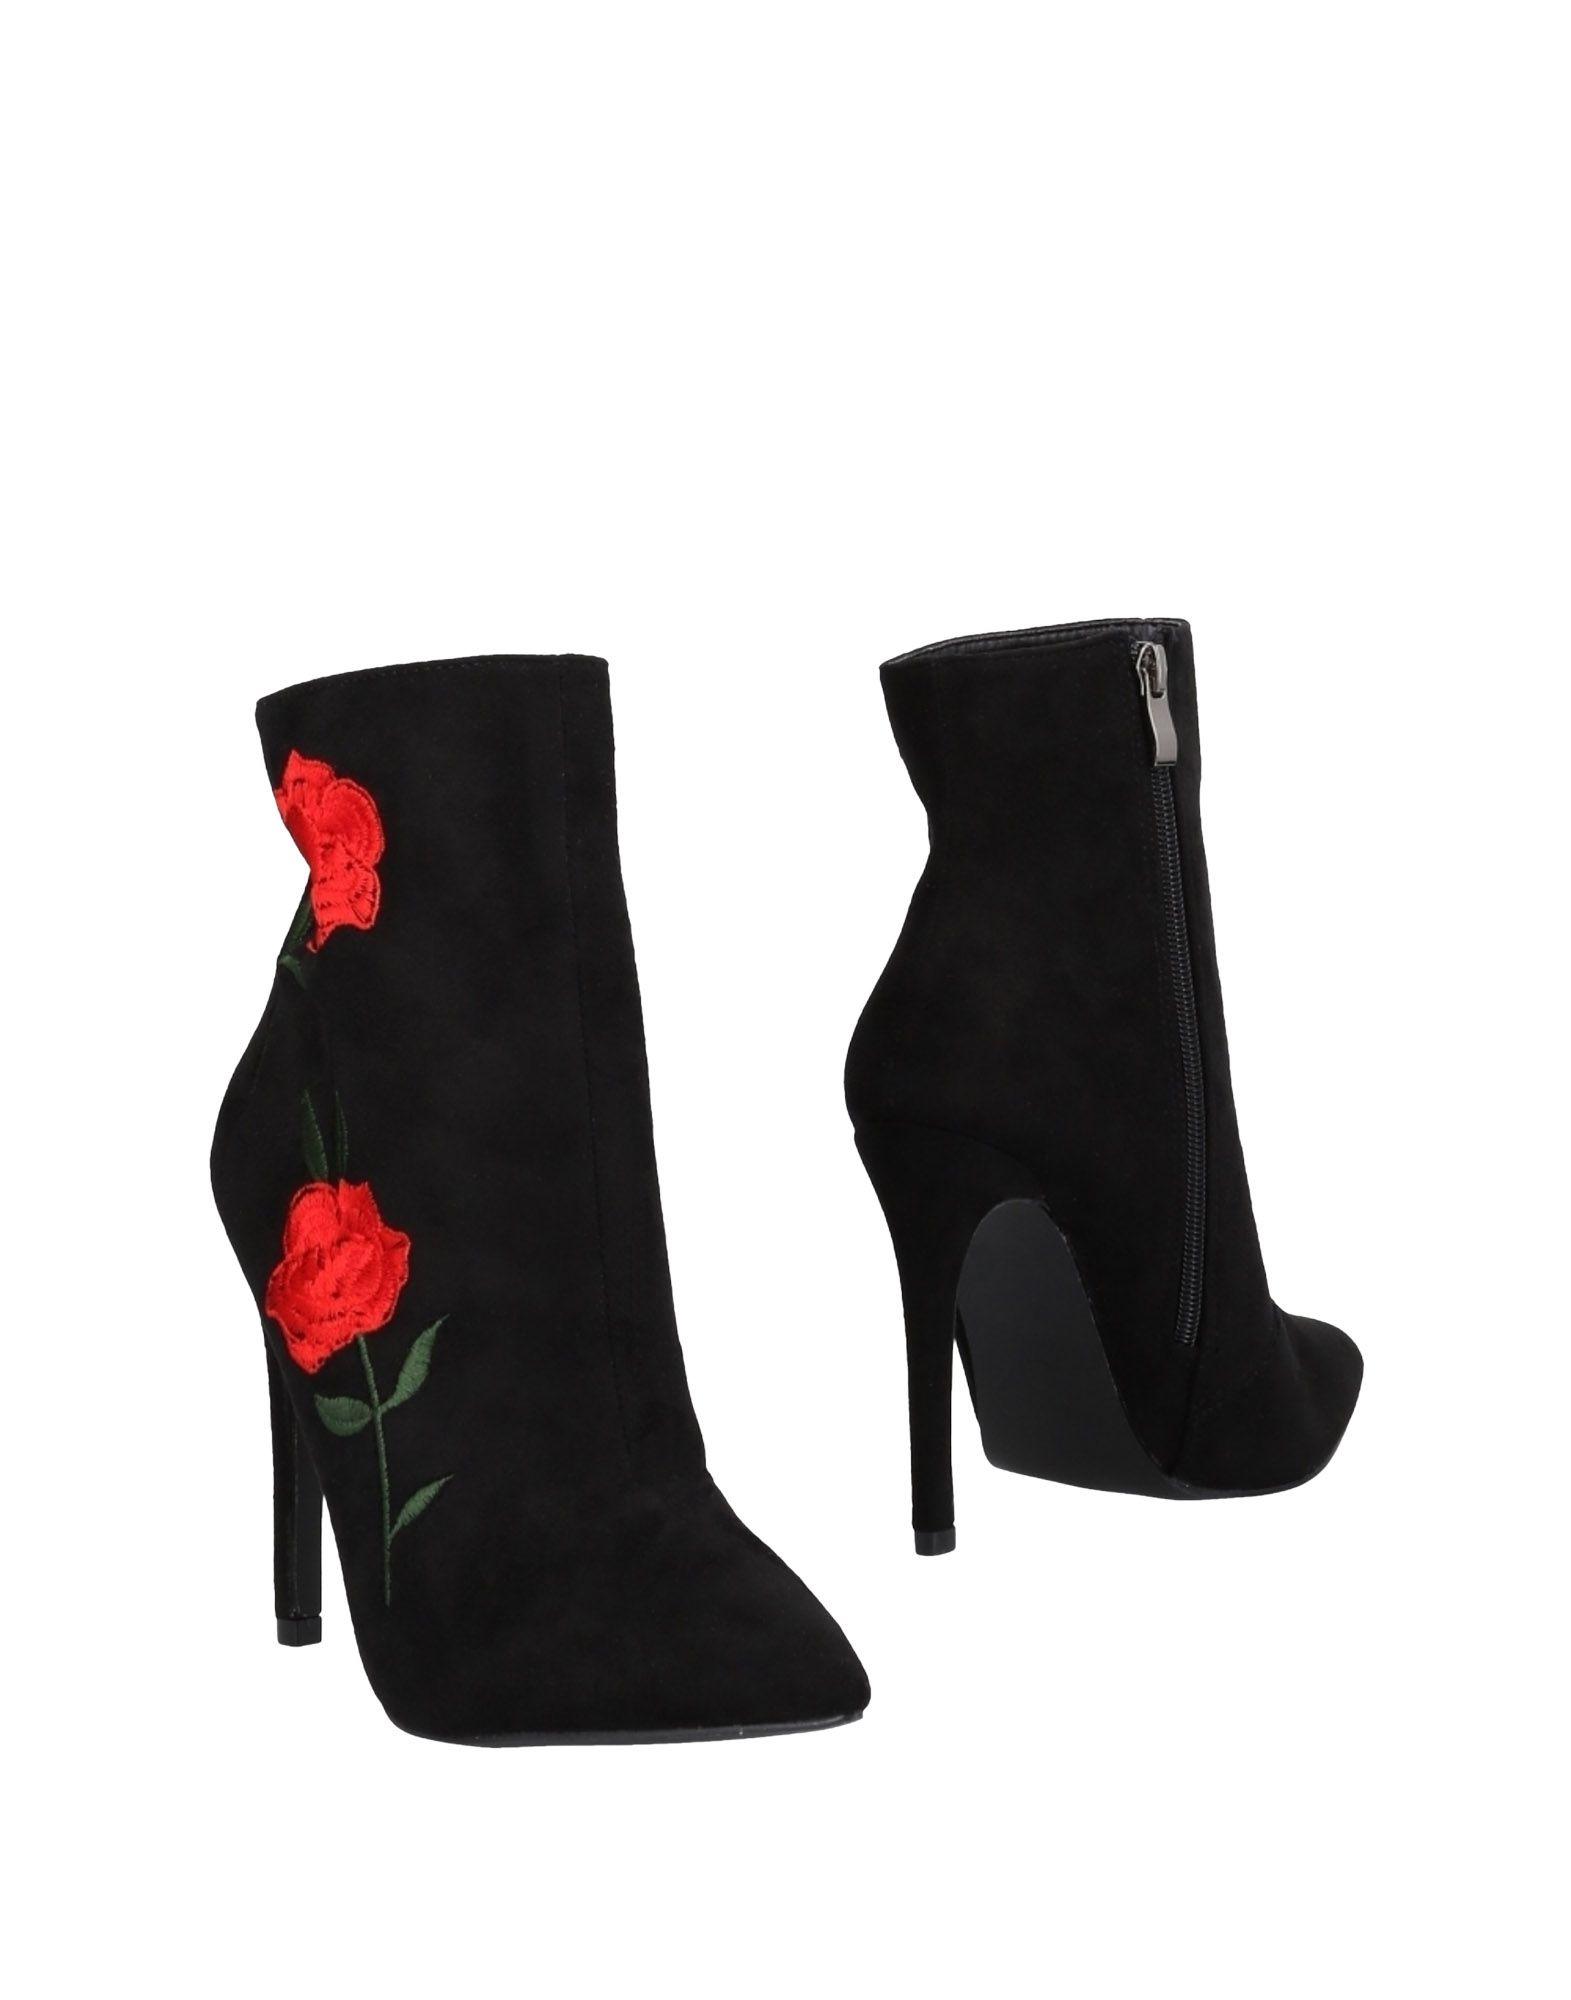 Public Desire Stiefelette Damen  11489435CW Gute Qualität beliebte Schuhe